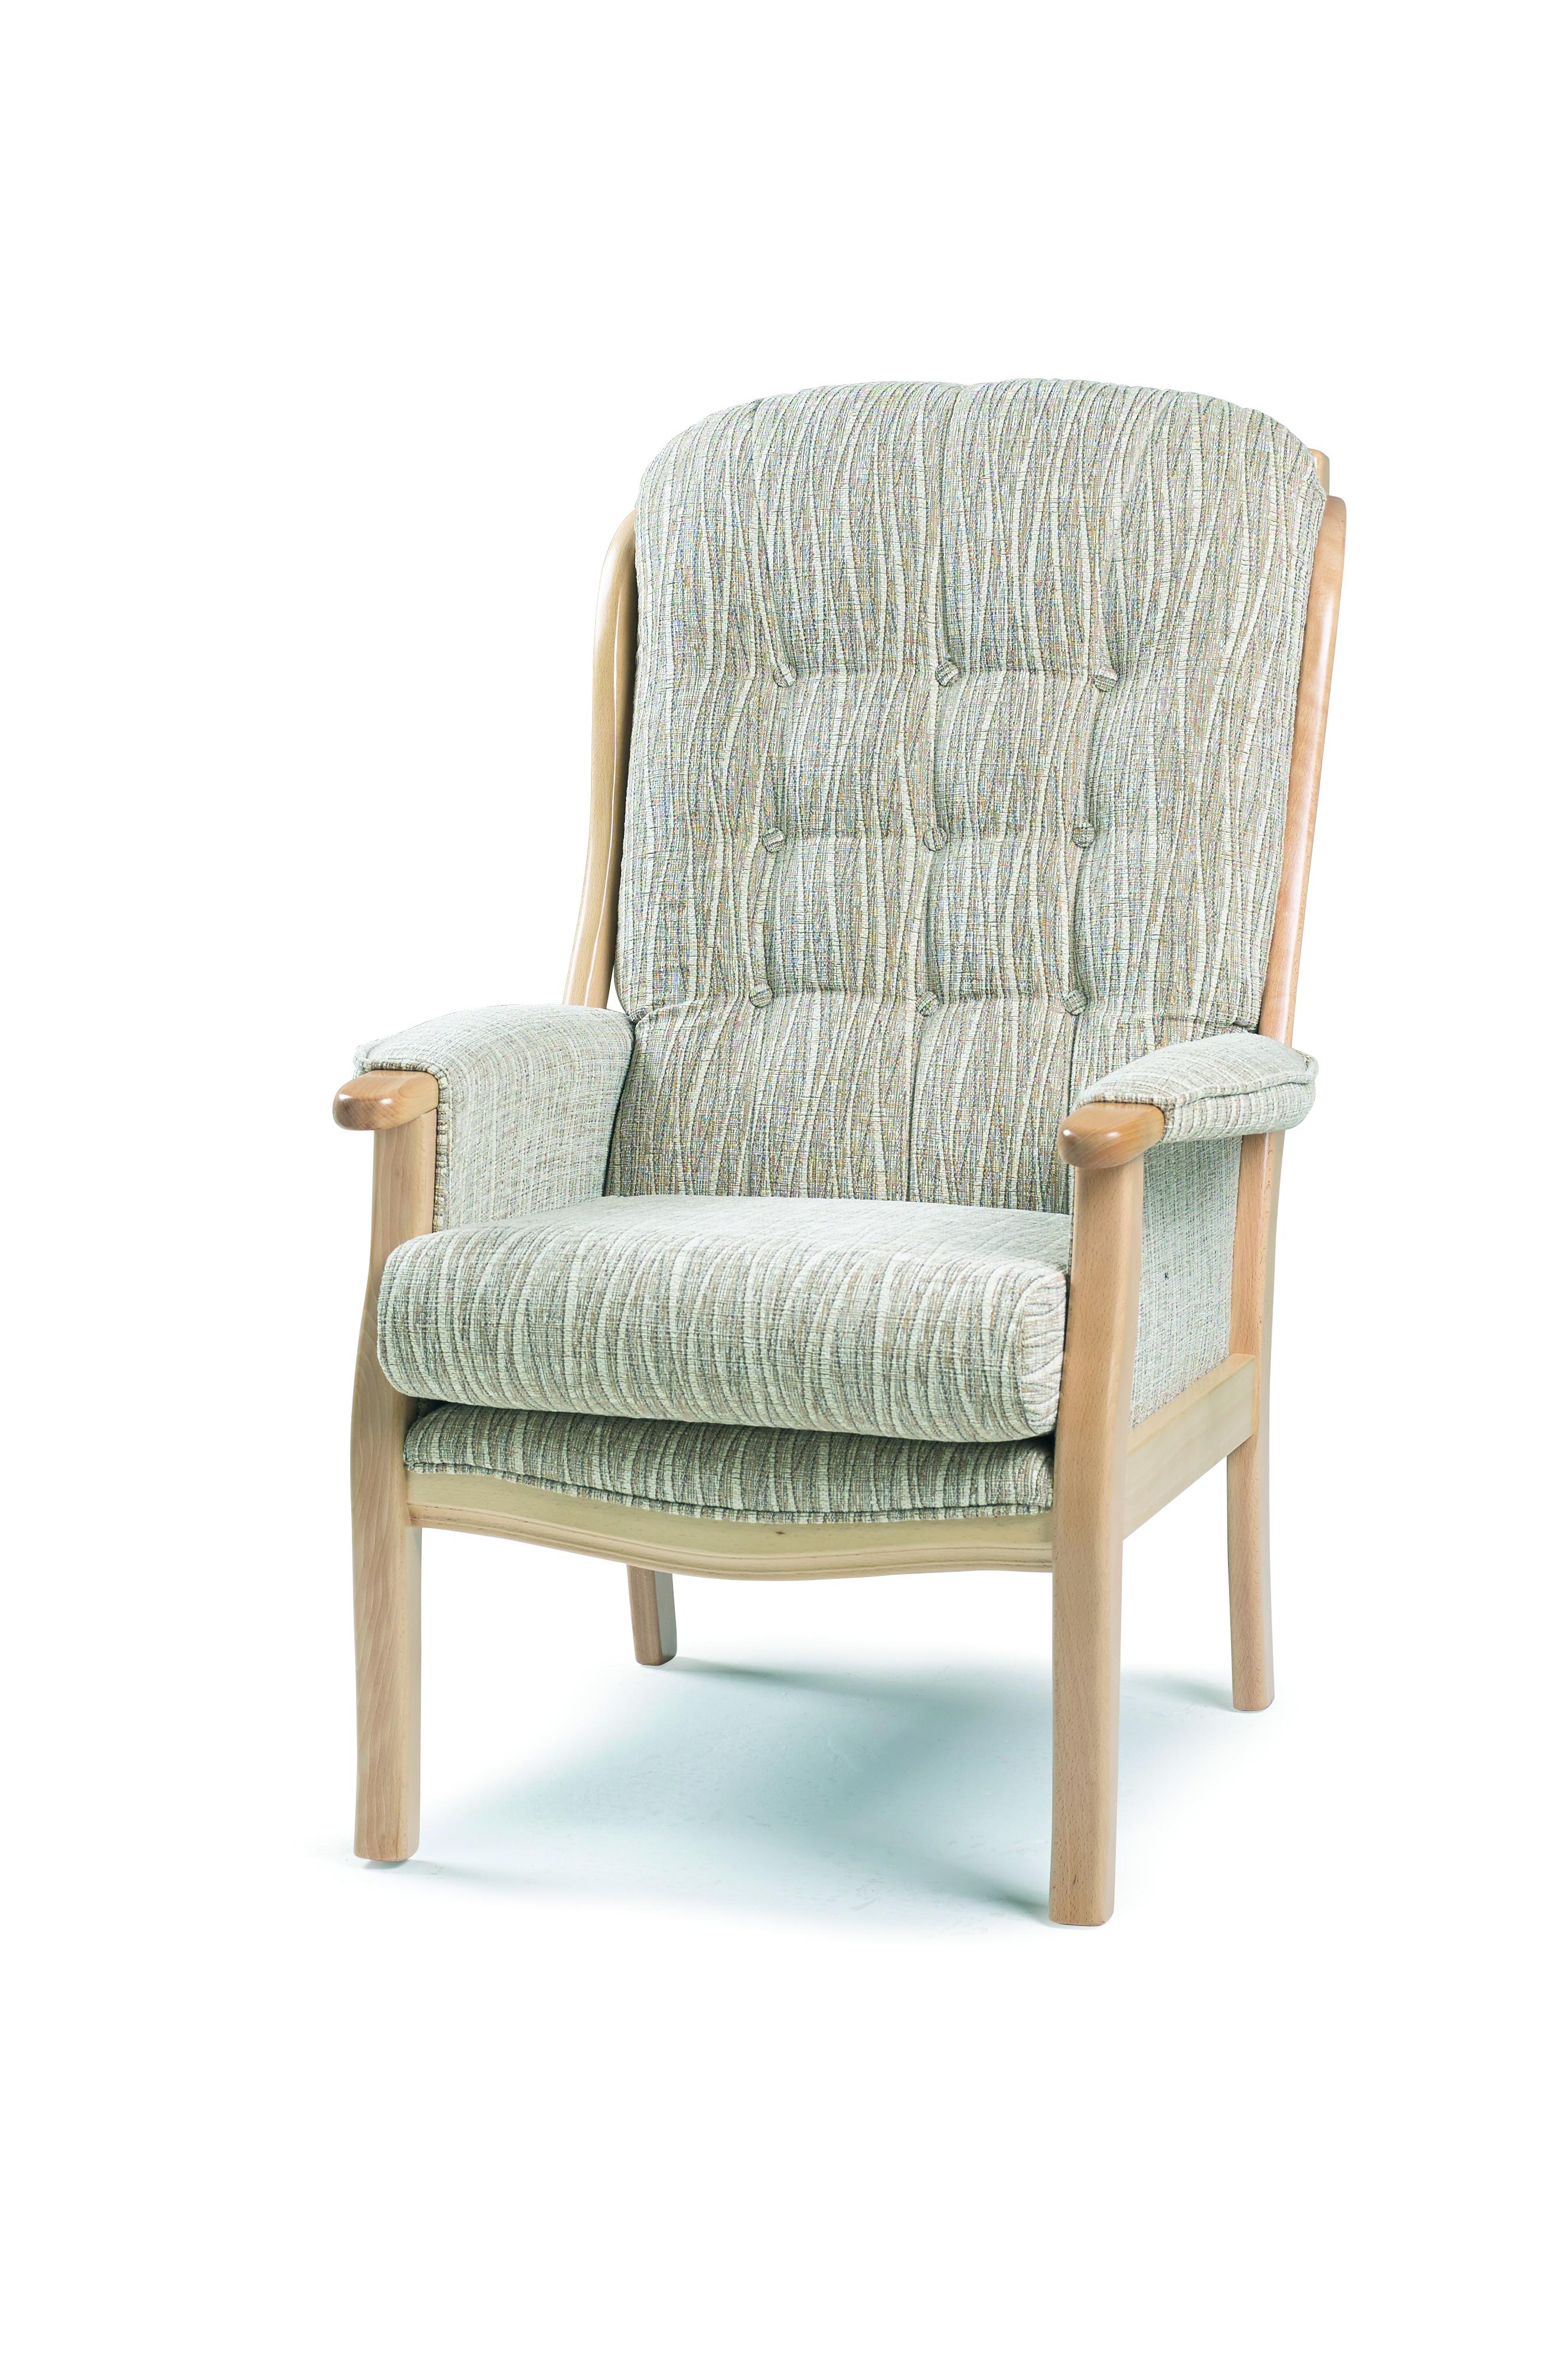 Orthopaedic Fireside Nova Wave Oatmeal Chair